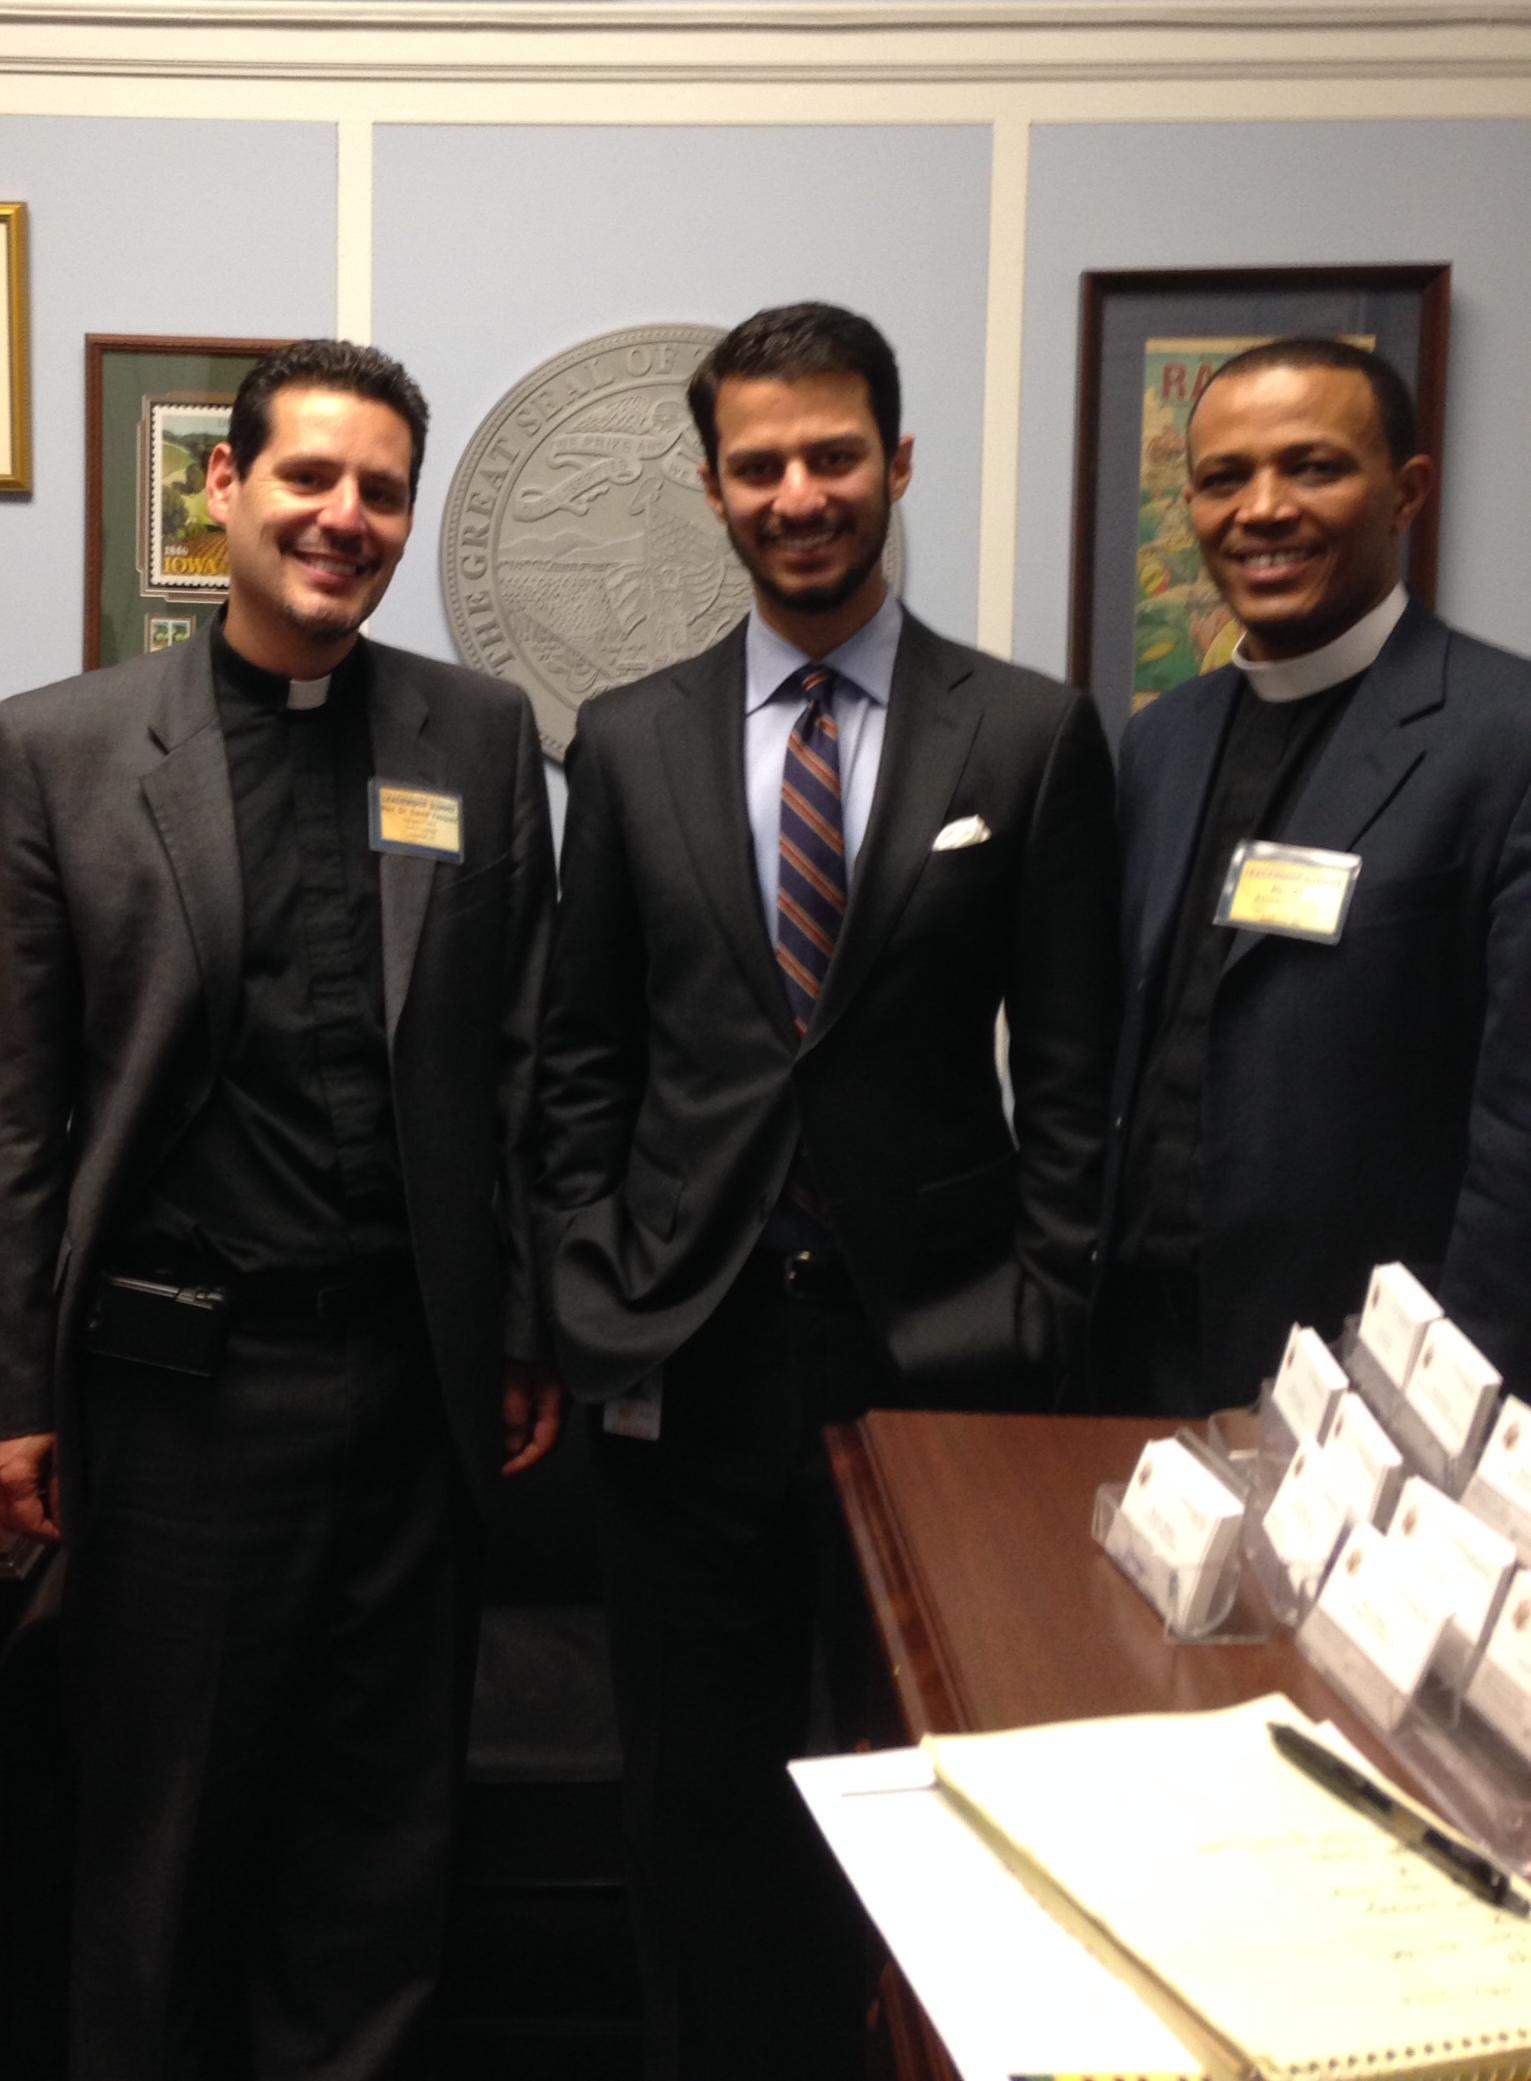 Pastor David Vasquez and Pastor Amsalu Geleta visit with Rep. Bruce Braley's office. L-R: Pastor Vasquez, Akshai Datta, and Pastor Geleta